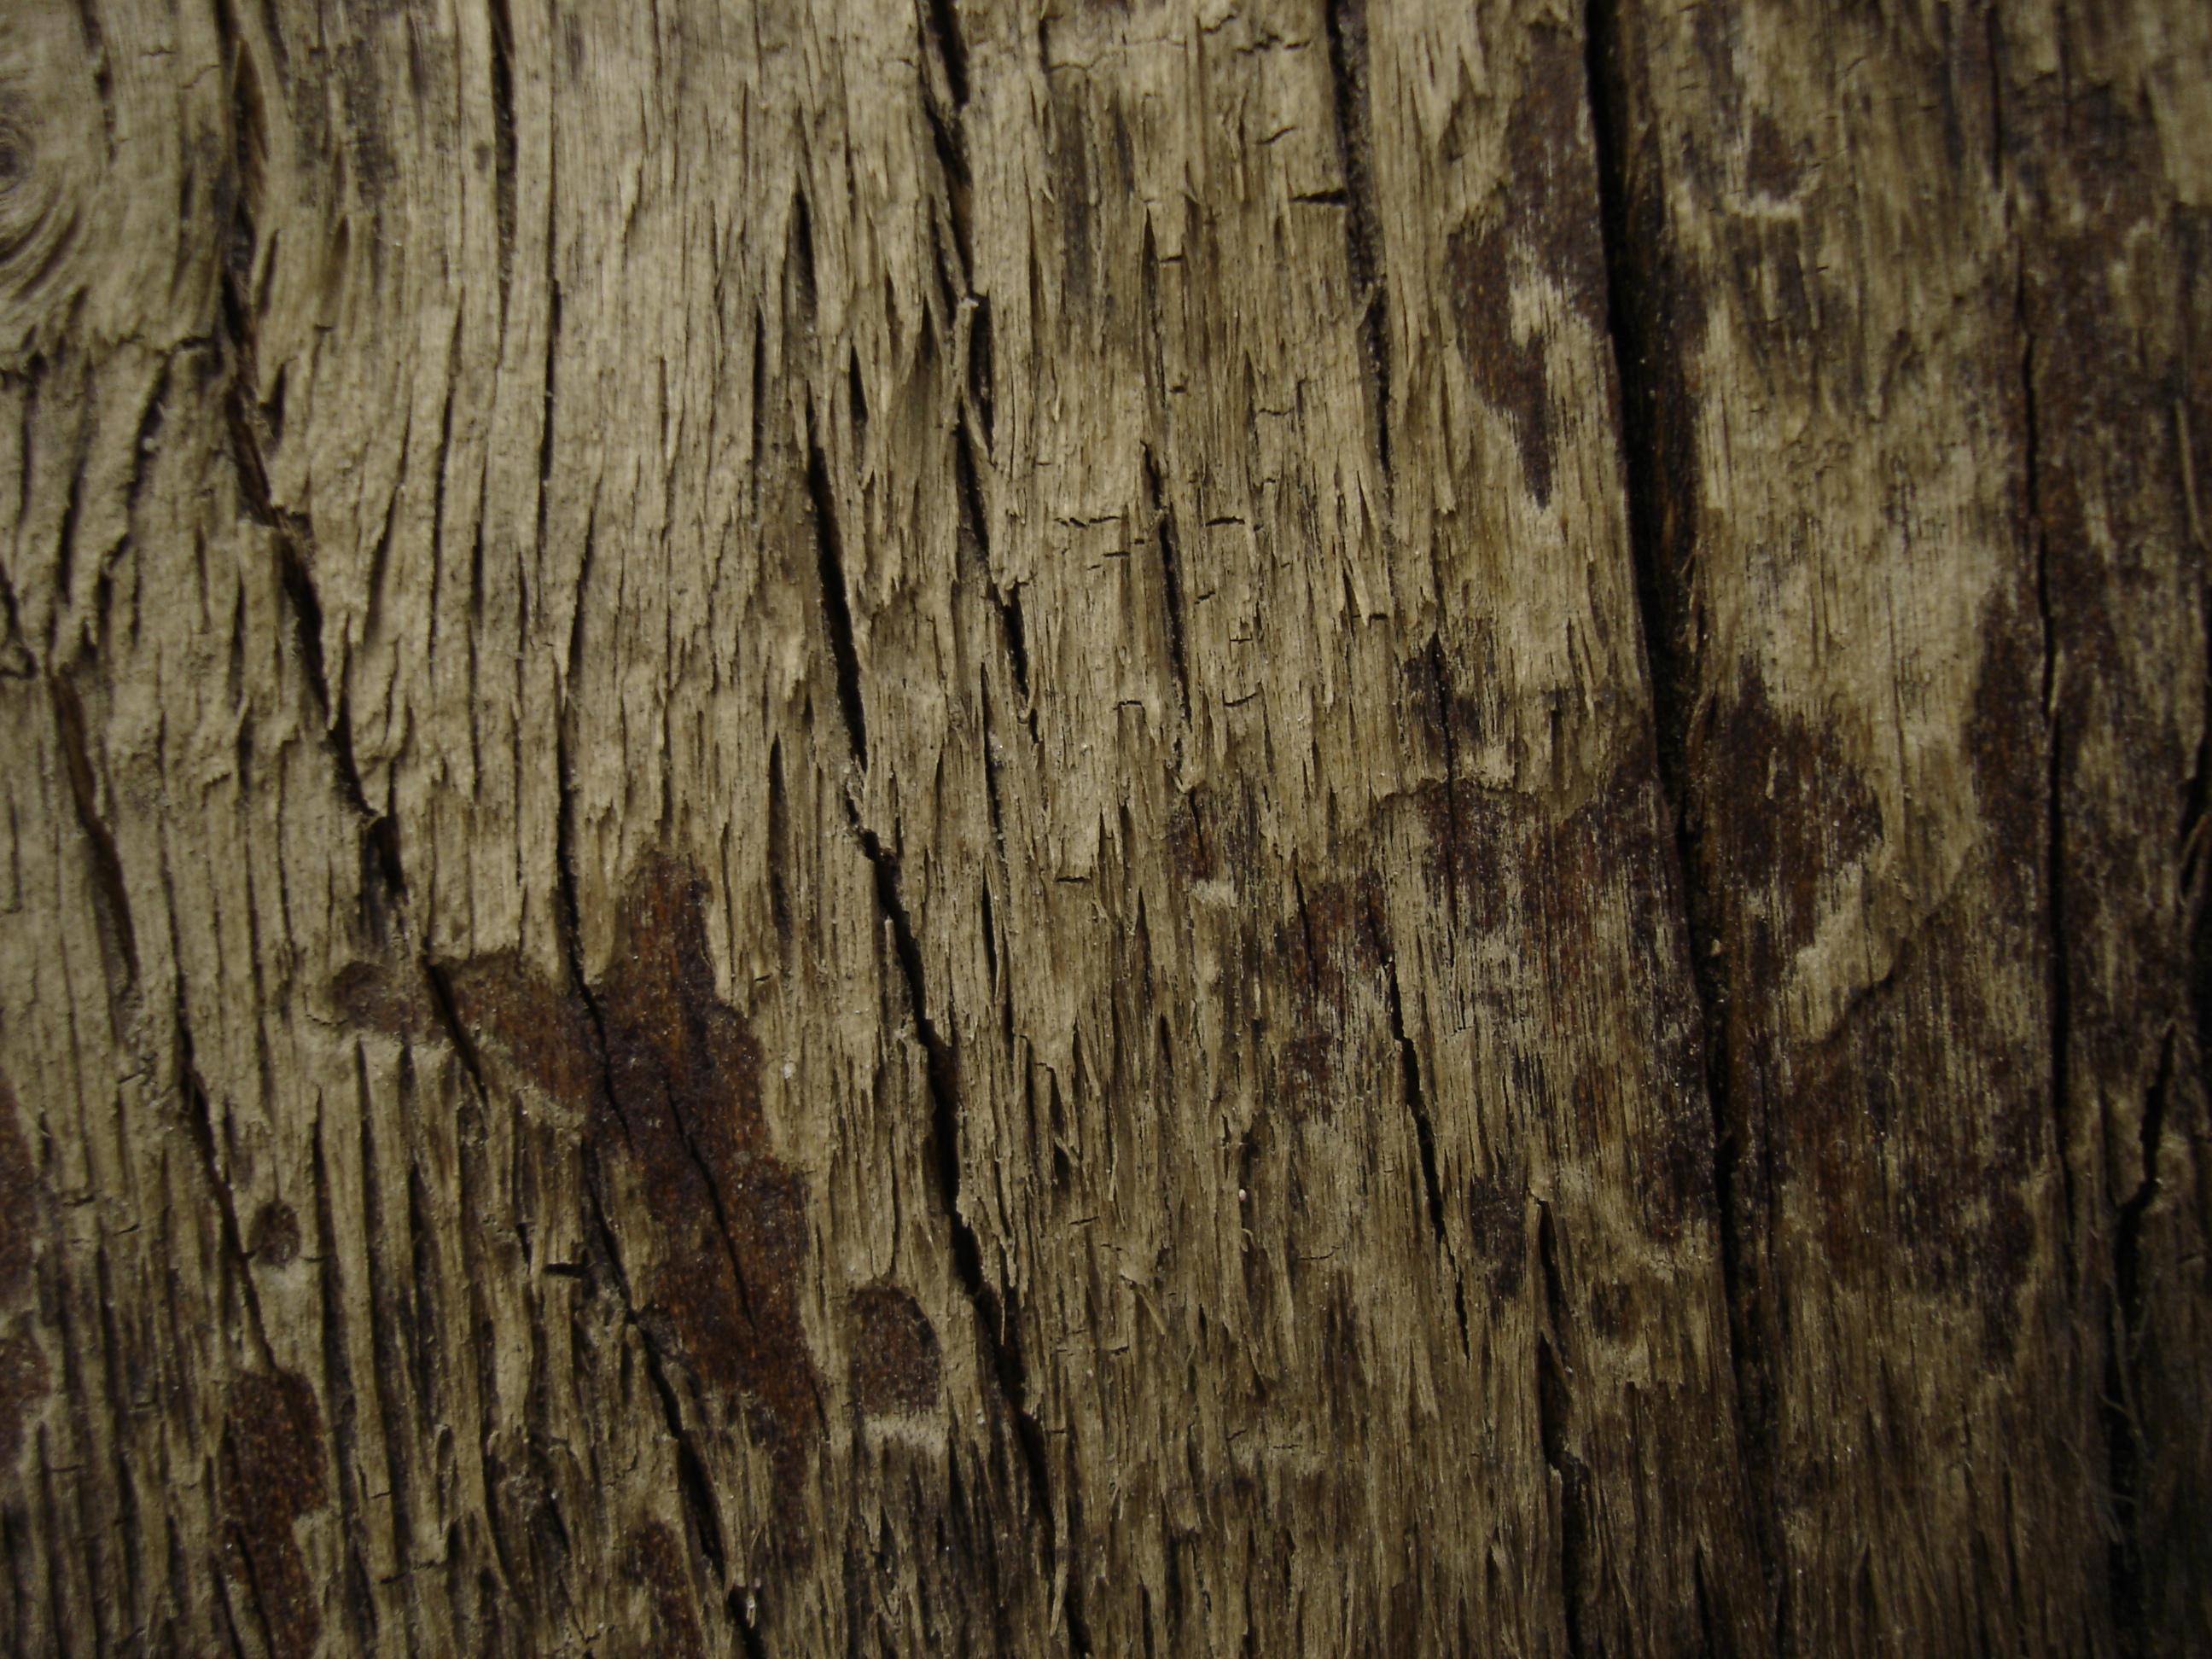 Tree texture - 10